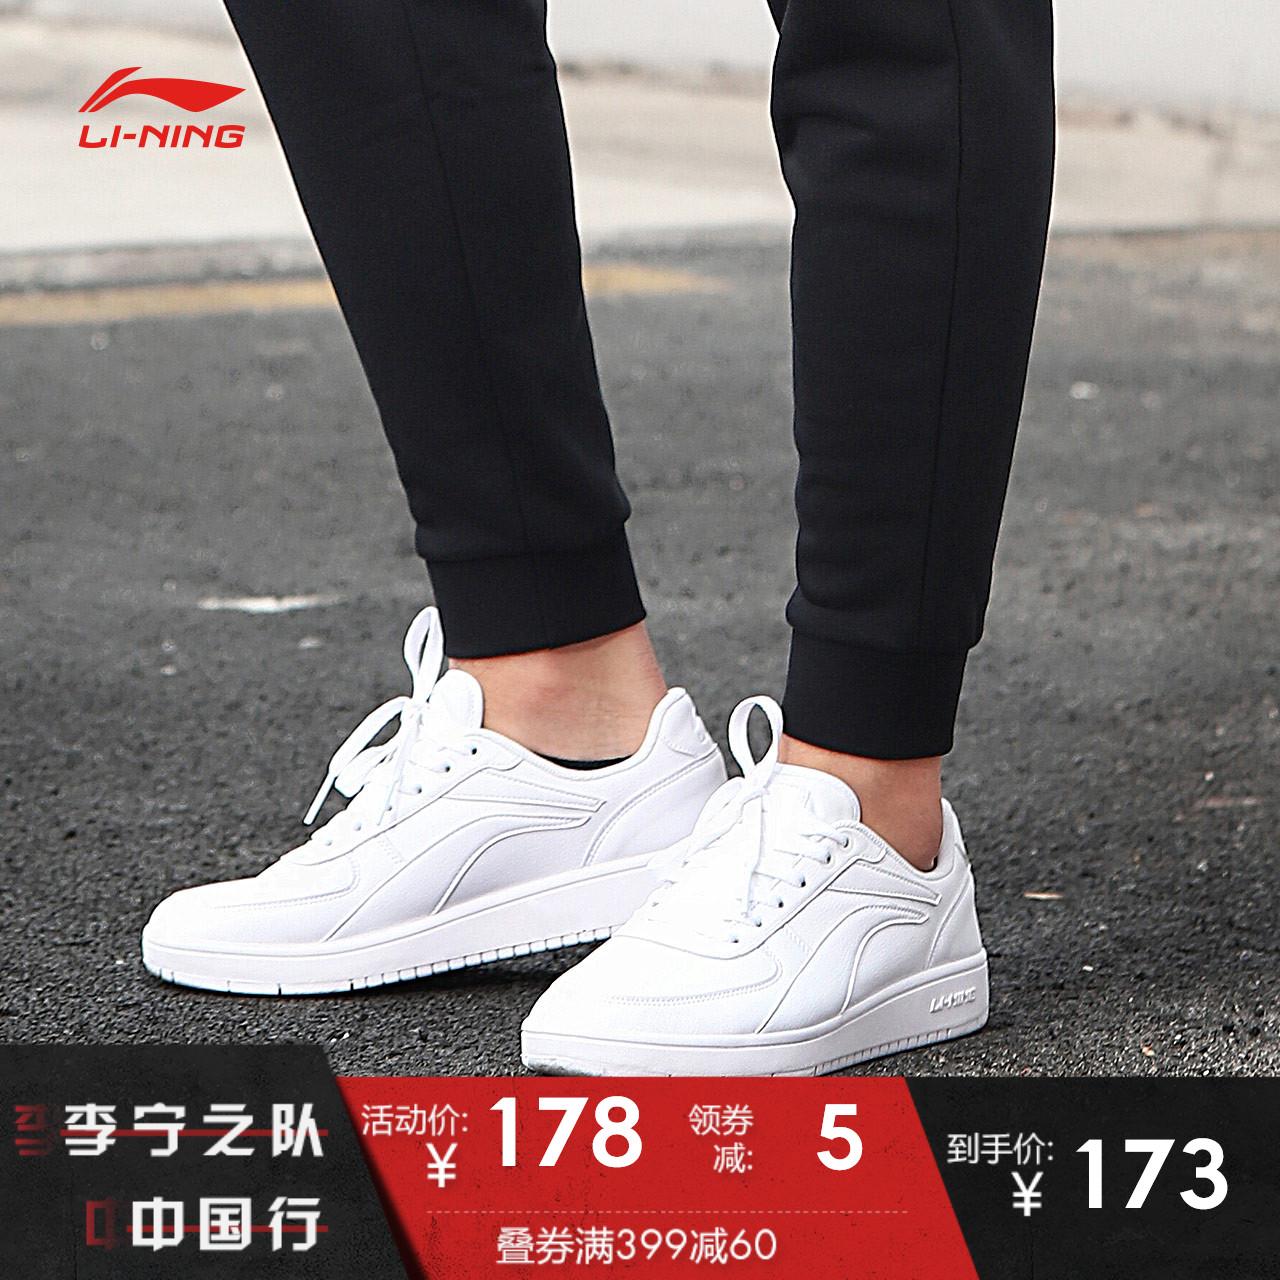 Li Ning giày thường của nam giới giày 2018 sinh viên mới giày thường giày ván trượt giày trắng cổ điển mùa xuân giày thể thao